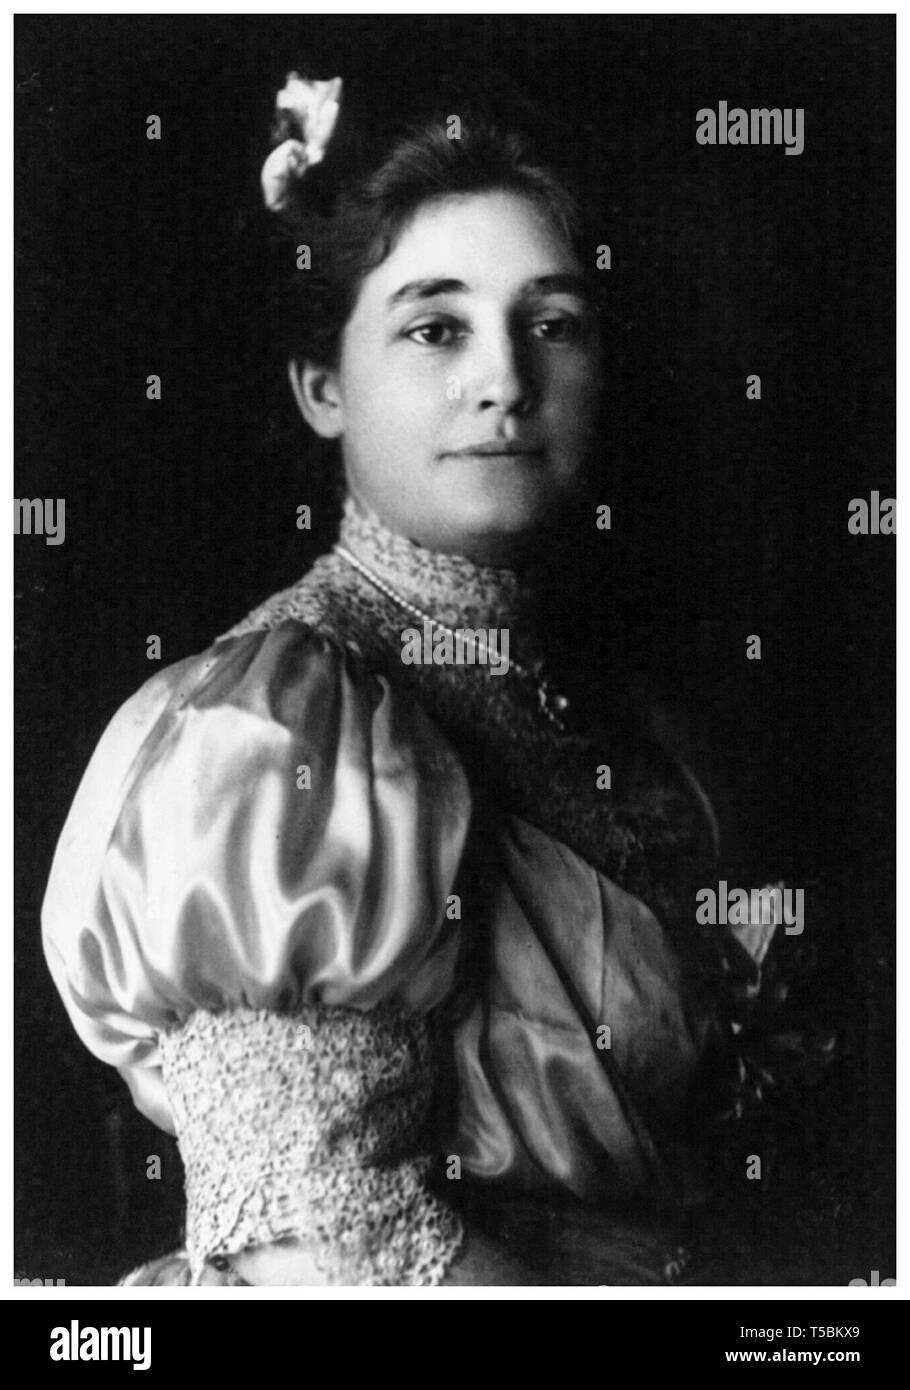 Mina Miller Edison (1865-1947), Ehefrau von Erfinder Thomas Alva Edison, Porträt, Gebrüder Pach, 1906 Stockfoto